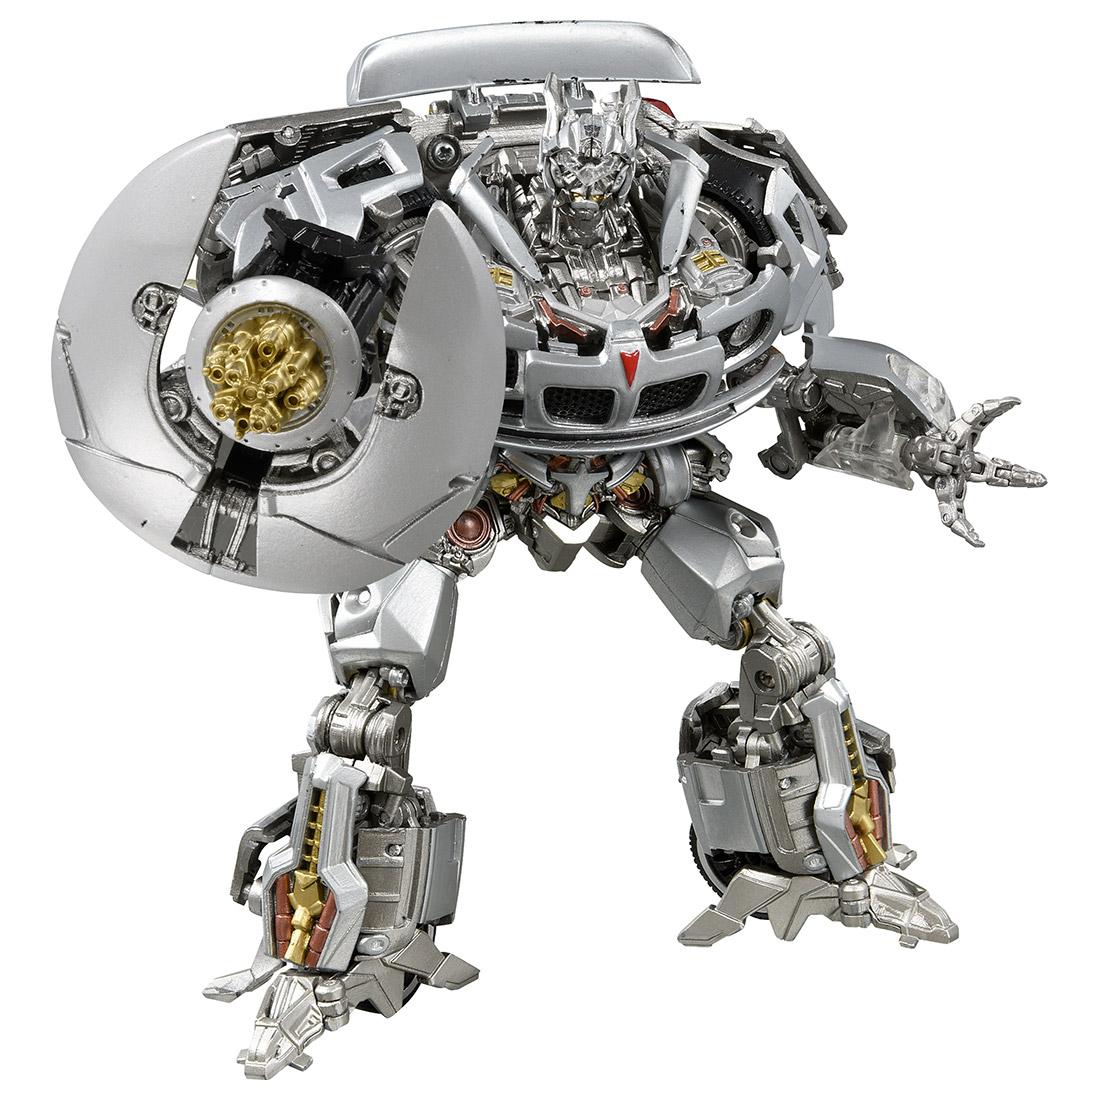 マスターピース『MPM-9 オートボットジャズ』トランスフォーマー 可変可動フィギュア-001